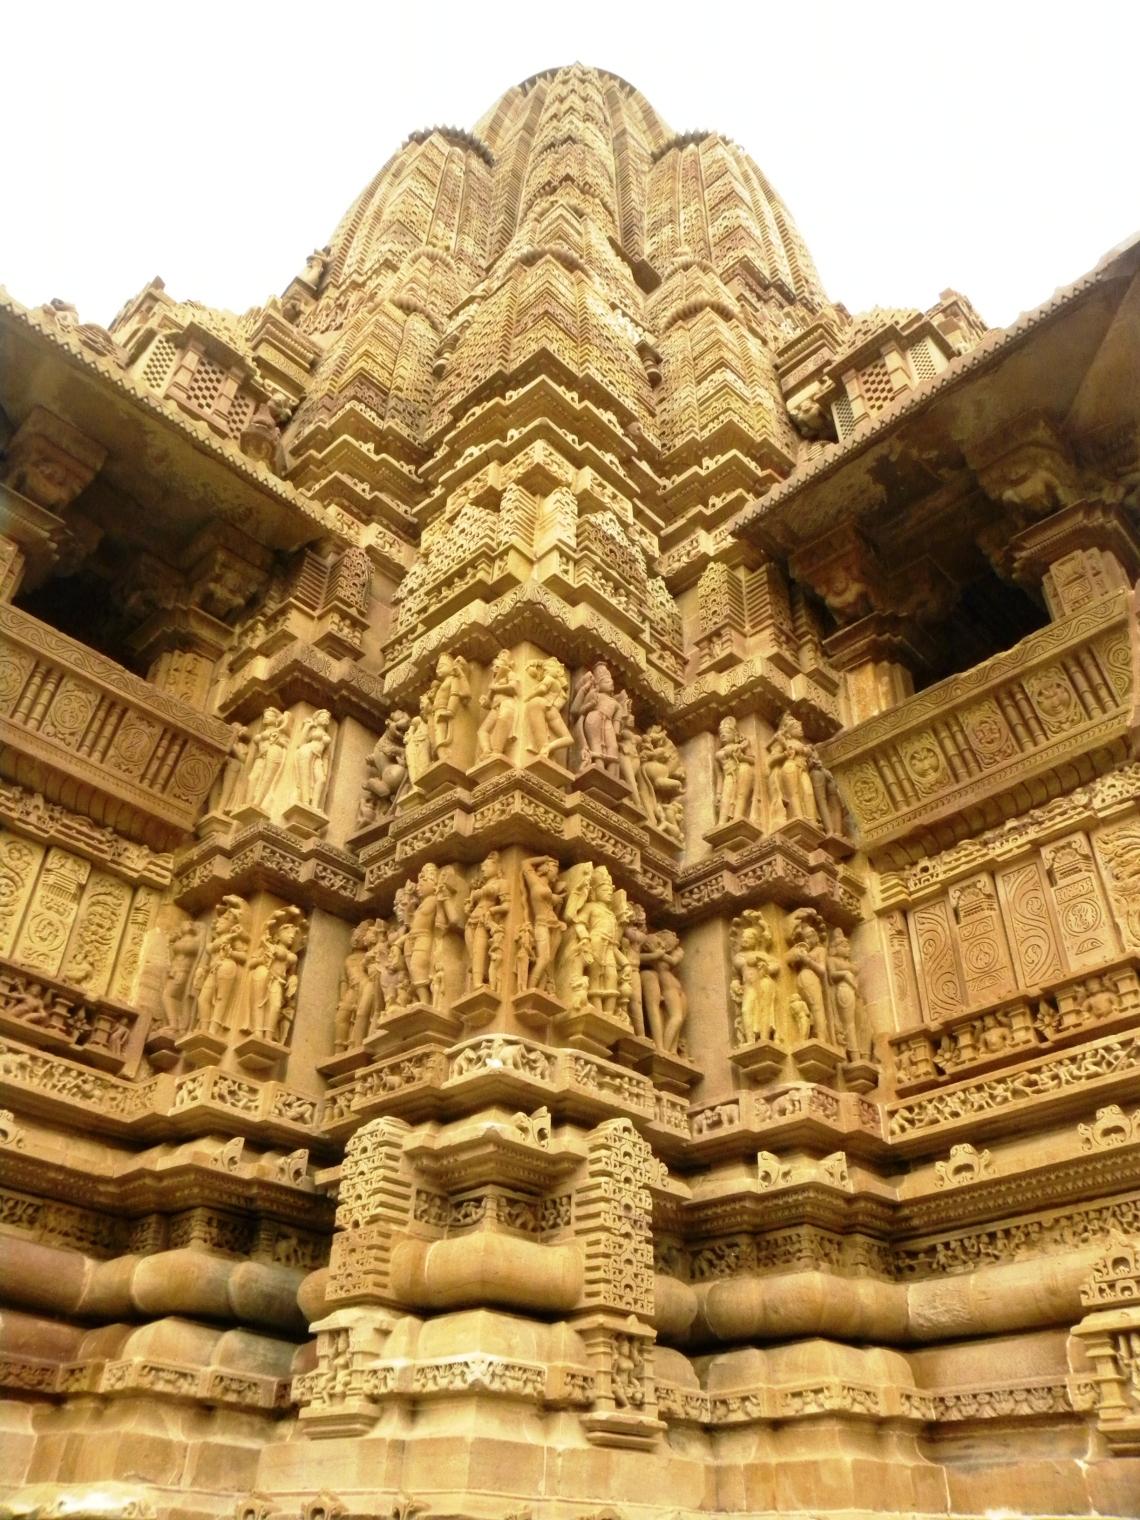 Khajuraho struck